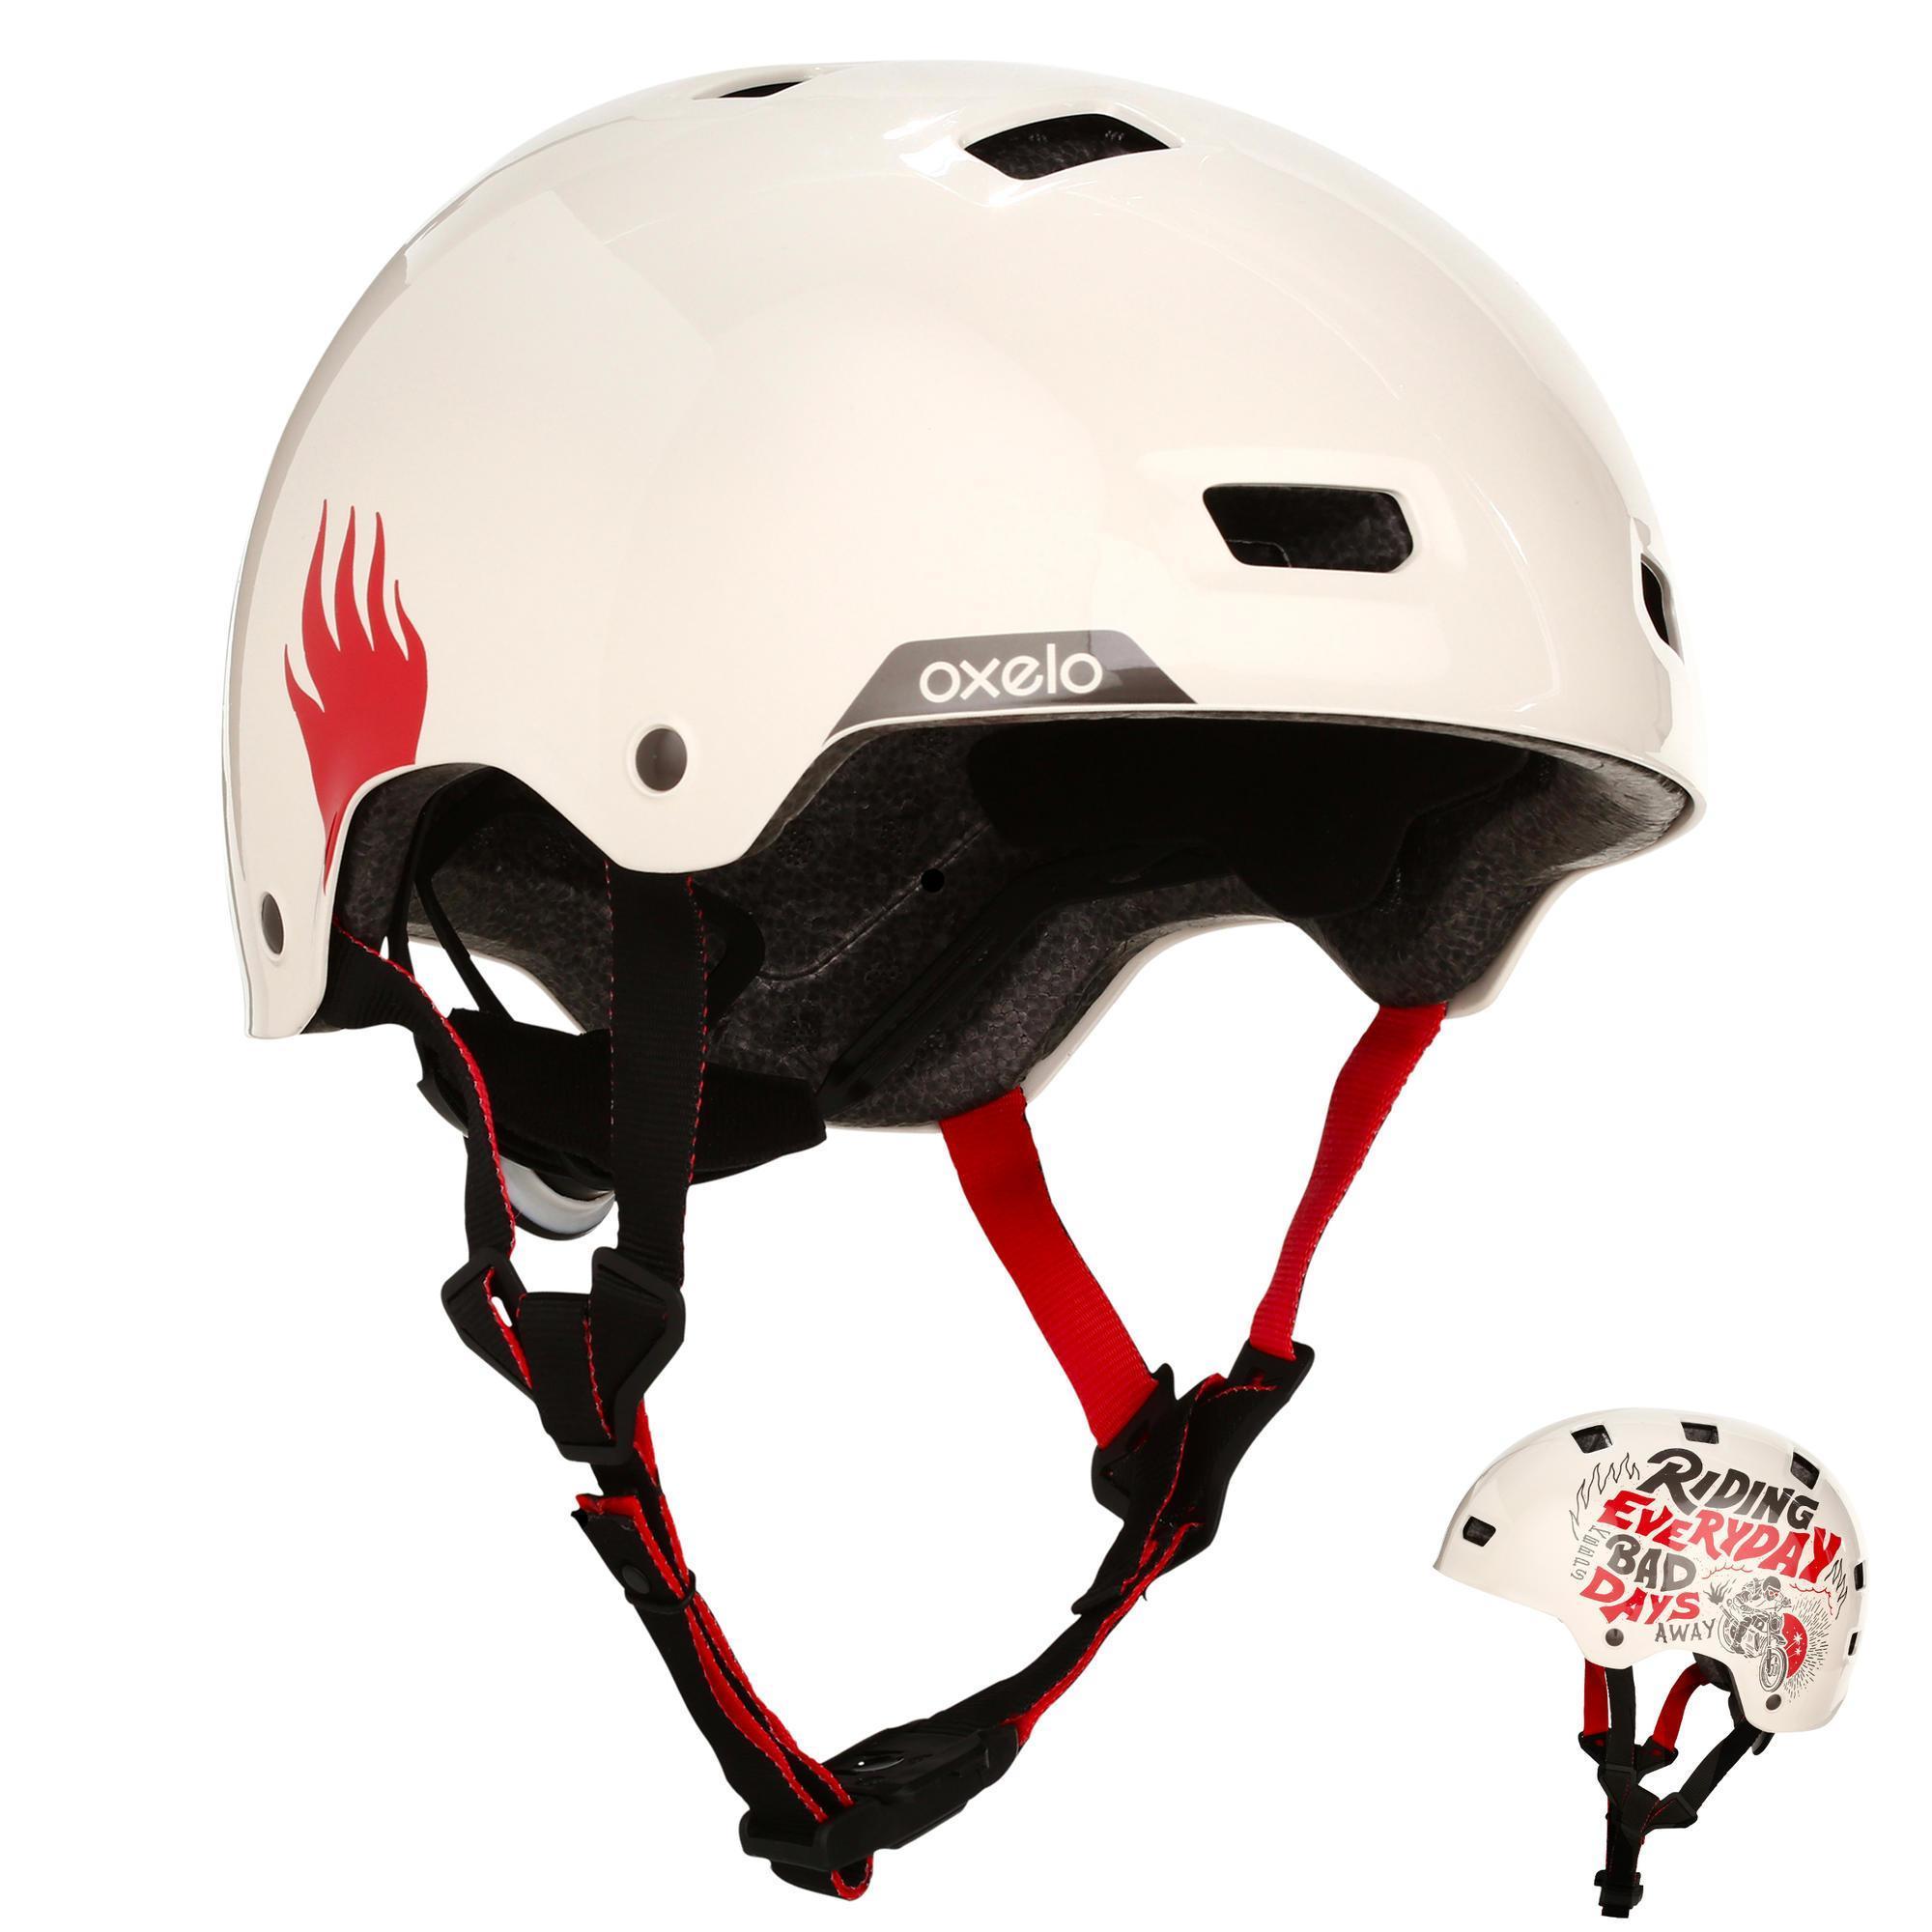 Oxelo Helm MF 540 voor skeeleren, skateboarden, steppen mint